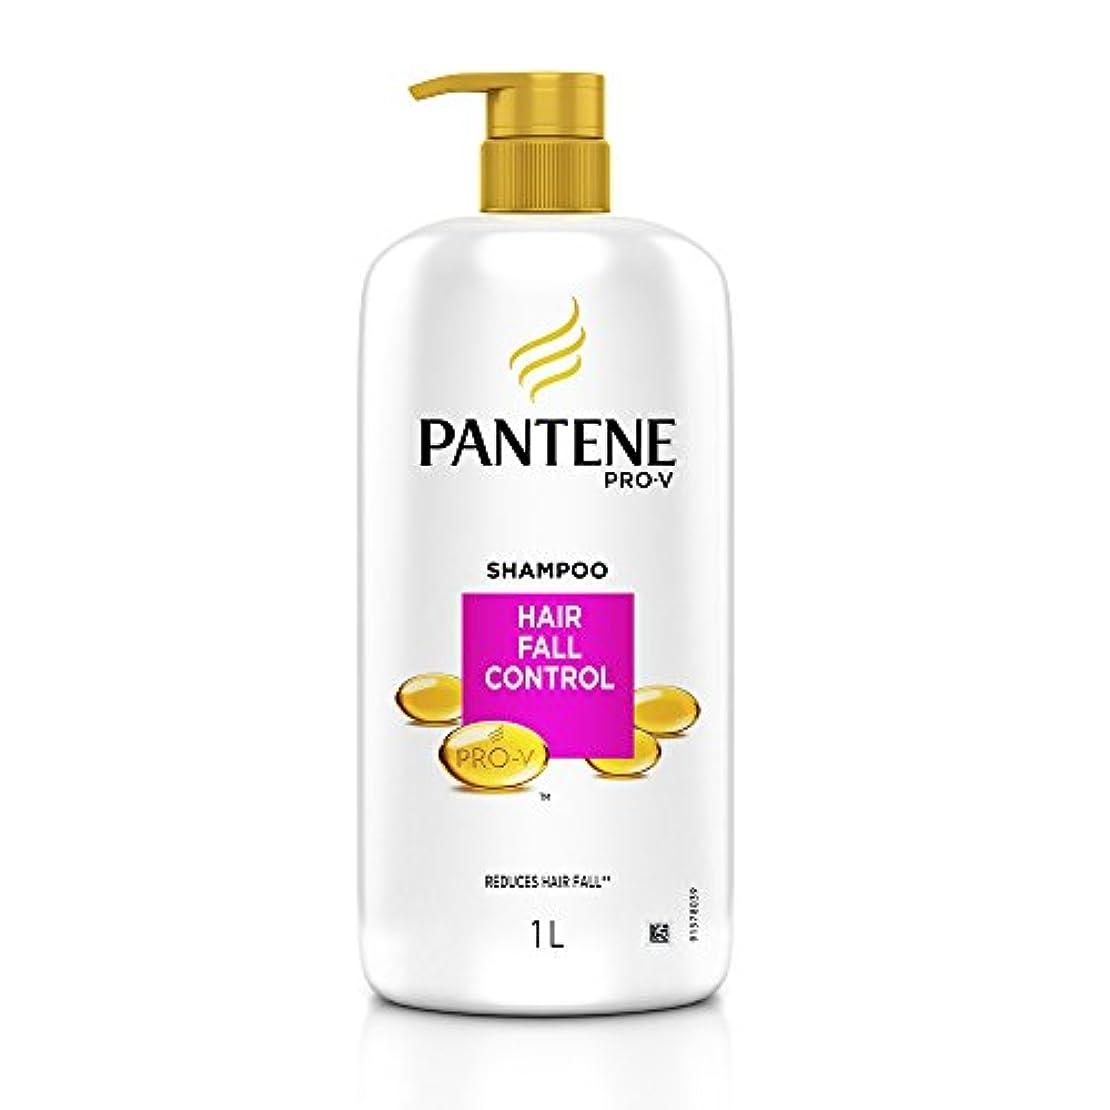 確認表現ギネスPANTENE Hair Fall control SHAMPOO 1 Ltr. (PANTENEヘアフォールコントロールSHAMPOO 1 Ltr。)